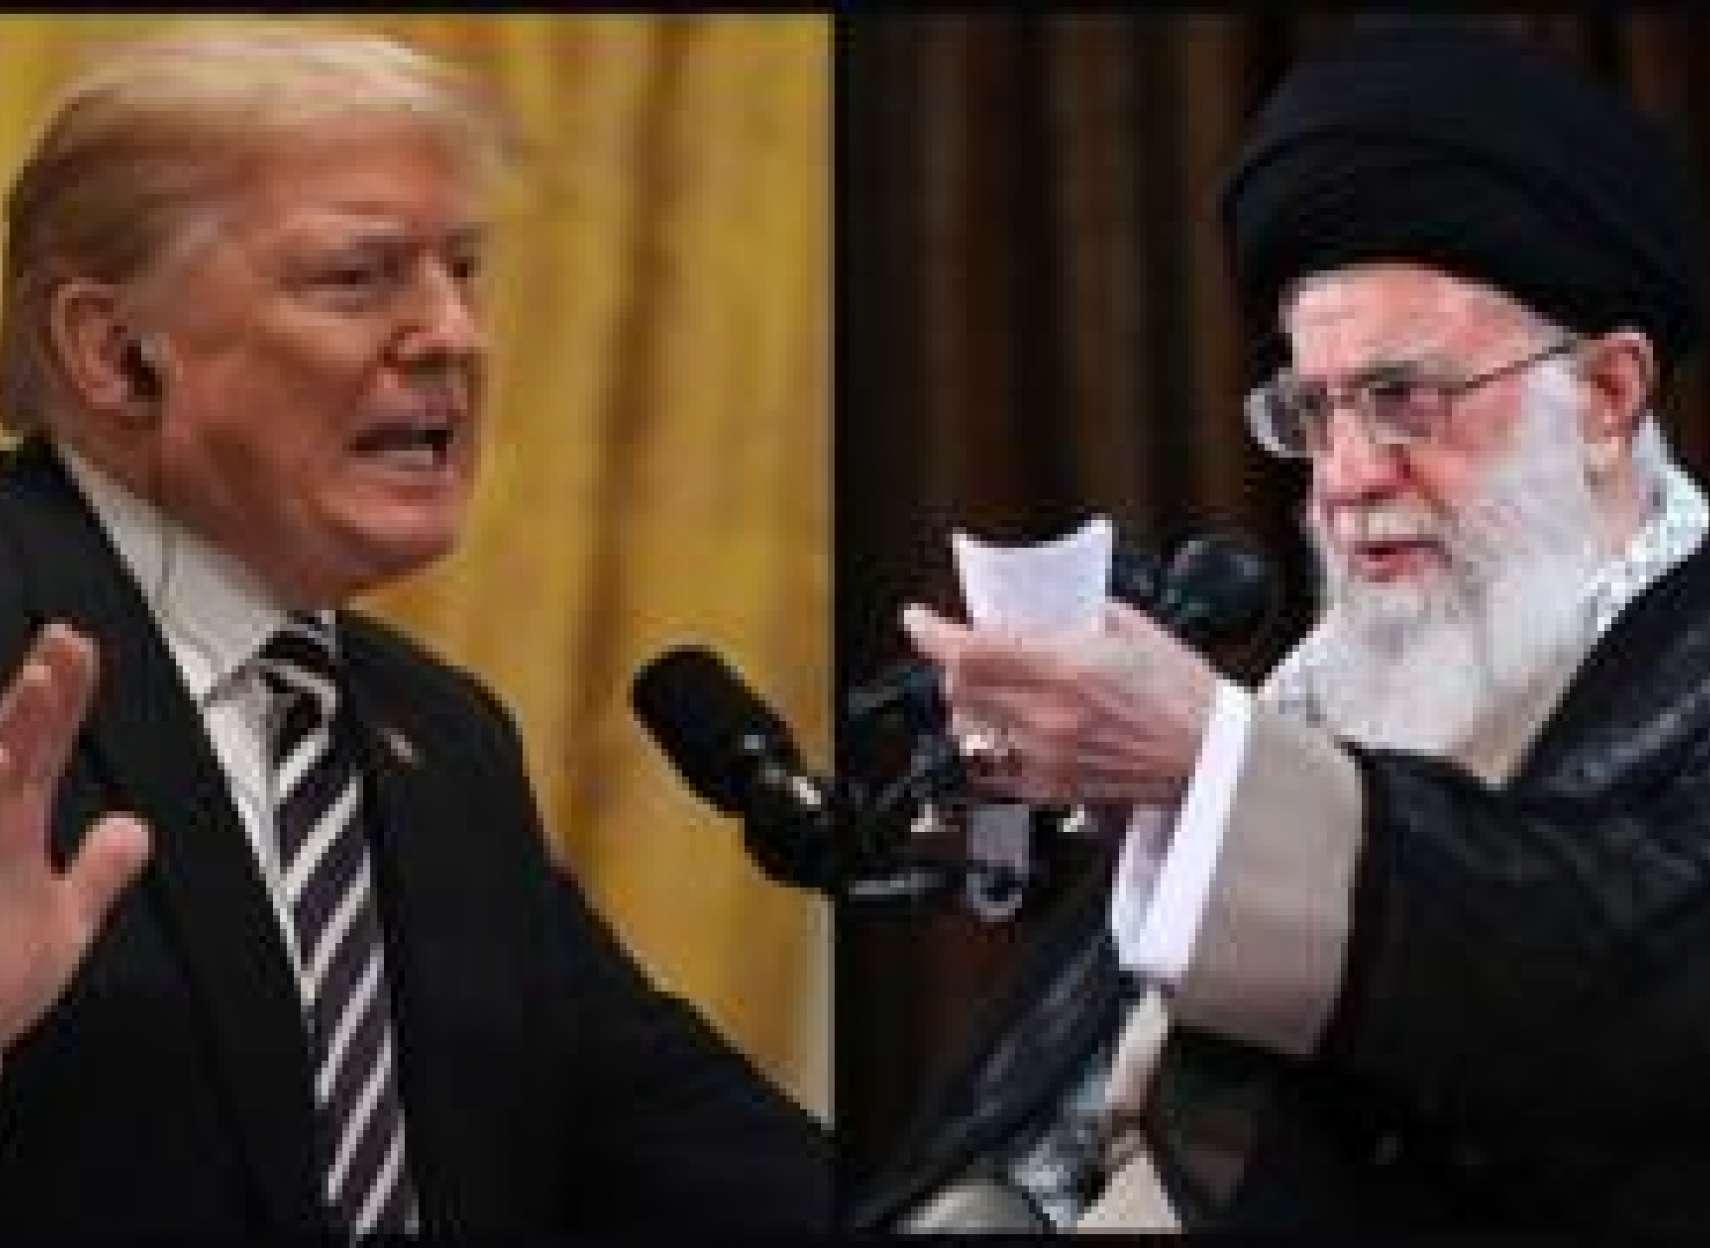 حکم-خدای-دو-چهره-سیاست-درباره-رابطه-ایران-آمریکا-چه-خواهد-بود